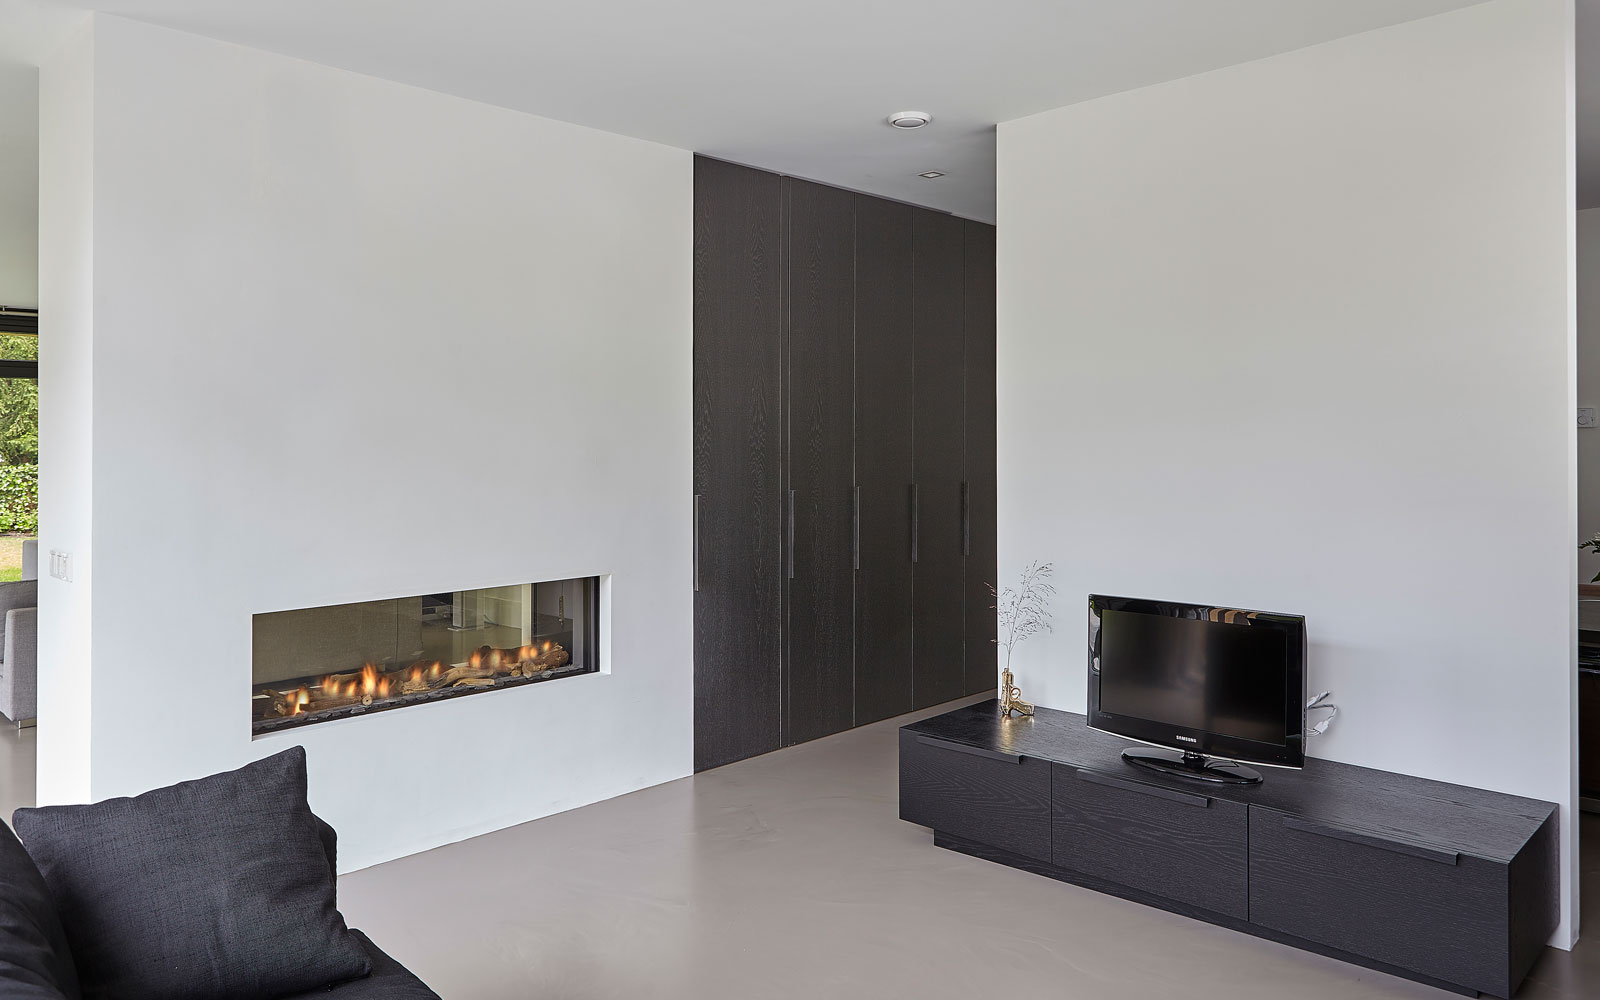 Tijdloos minimalistisch marco van veldhuizen the art of